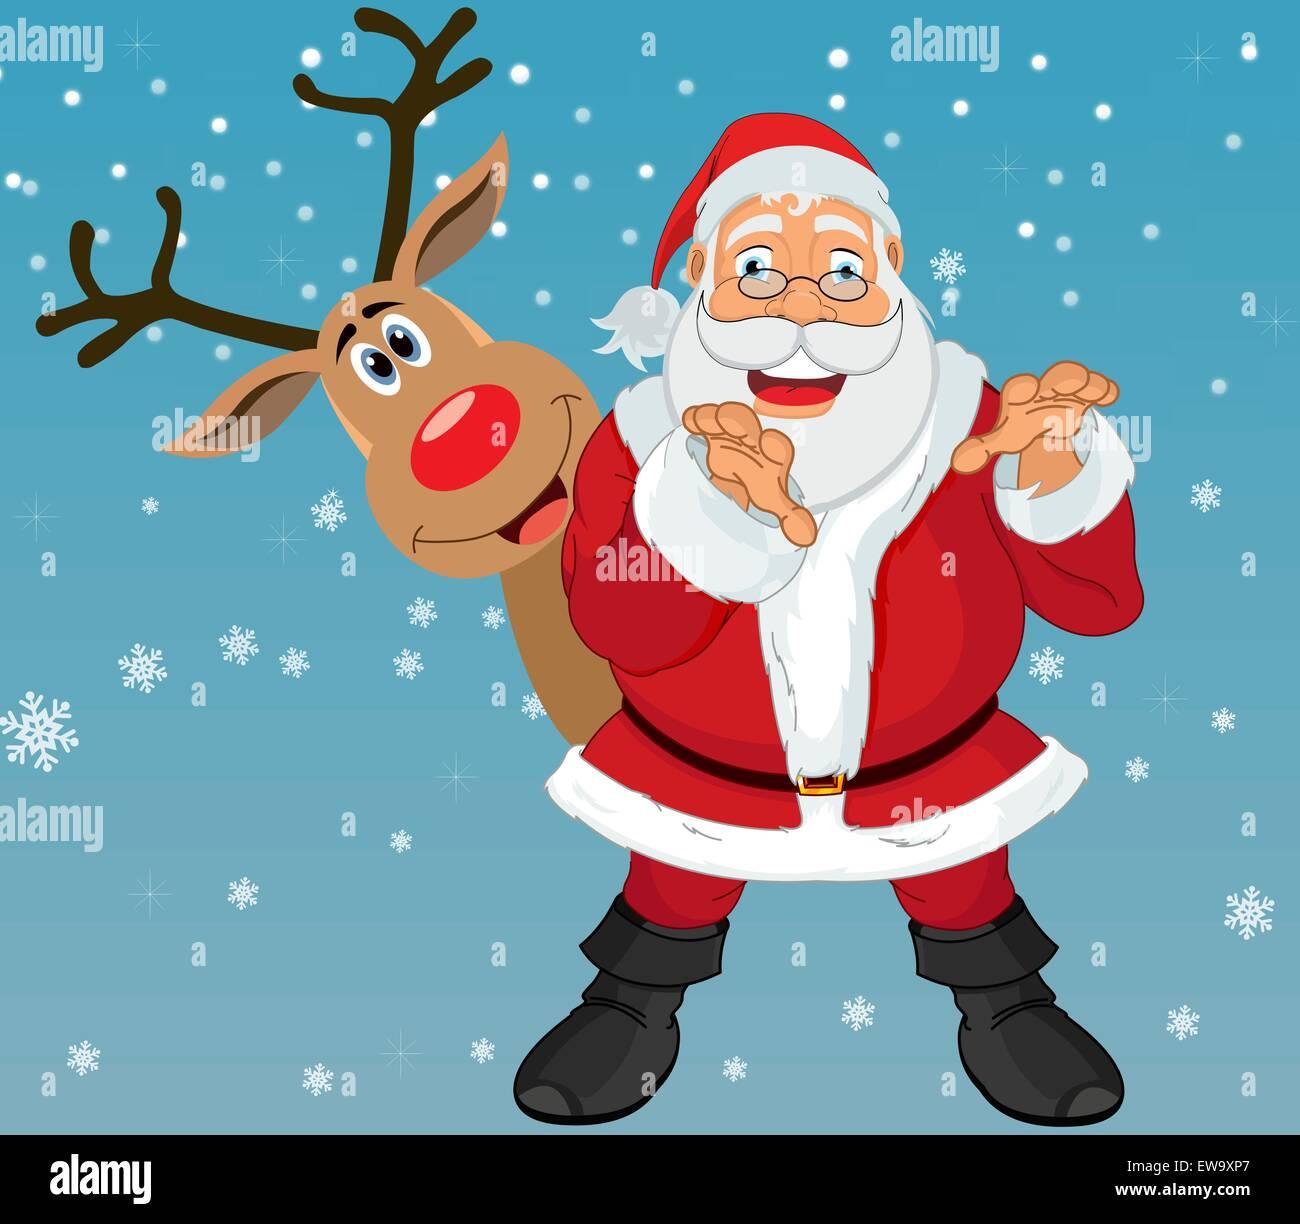 Rudolph La Renna Di Babbo Natale.Babbo Natale E Rudolph La Renna In Sfondo Blu Con I Fiocchi Di Neve